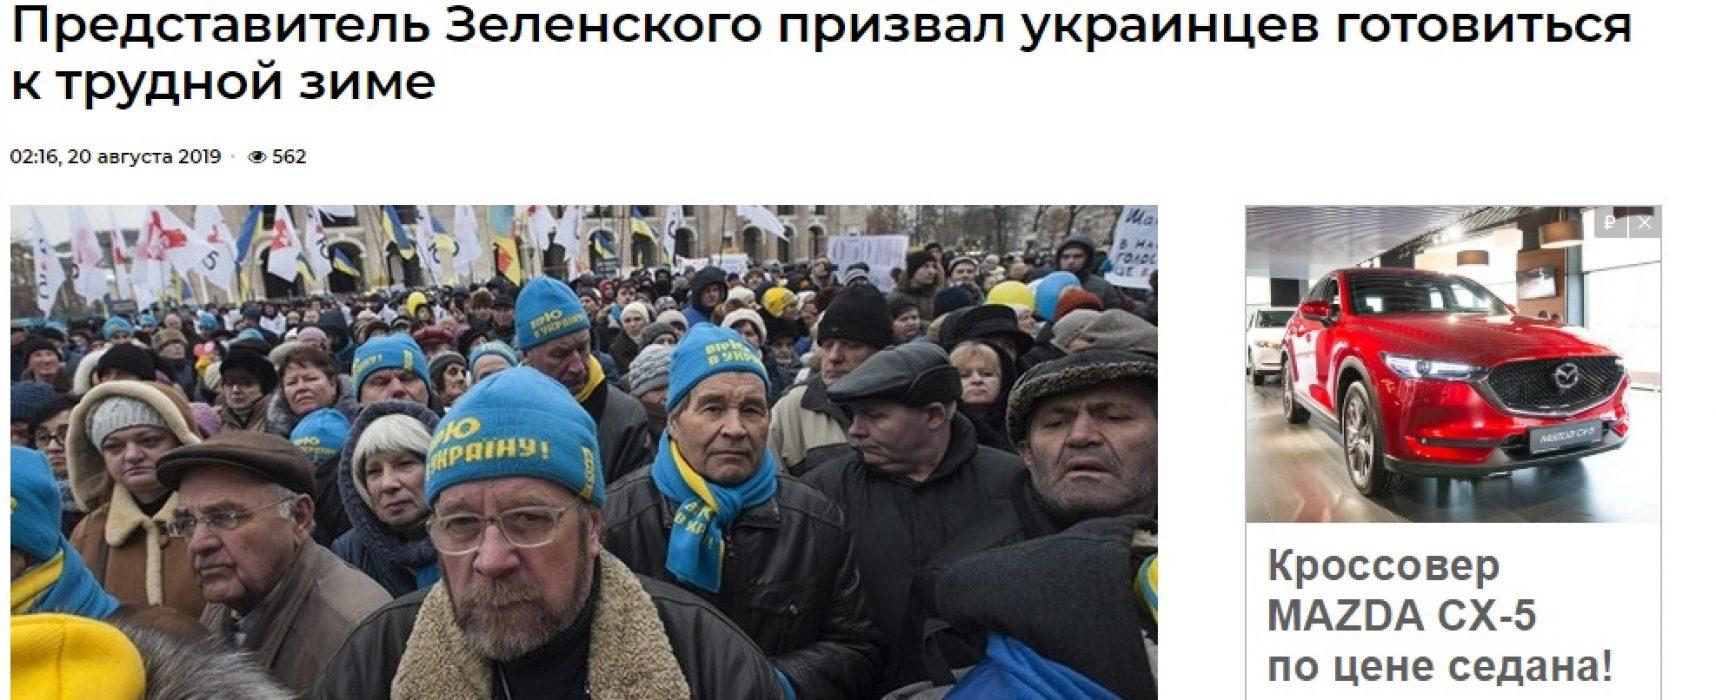 Fake: « L'hiver prochain risque d' être encore plus dur, selon Kiev »